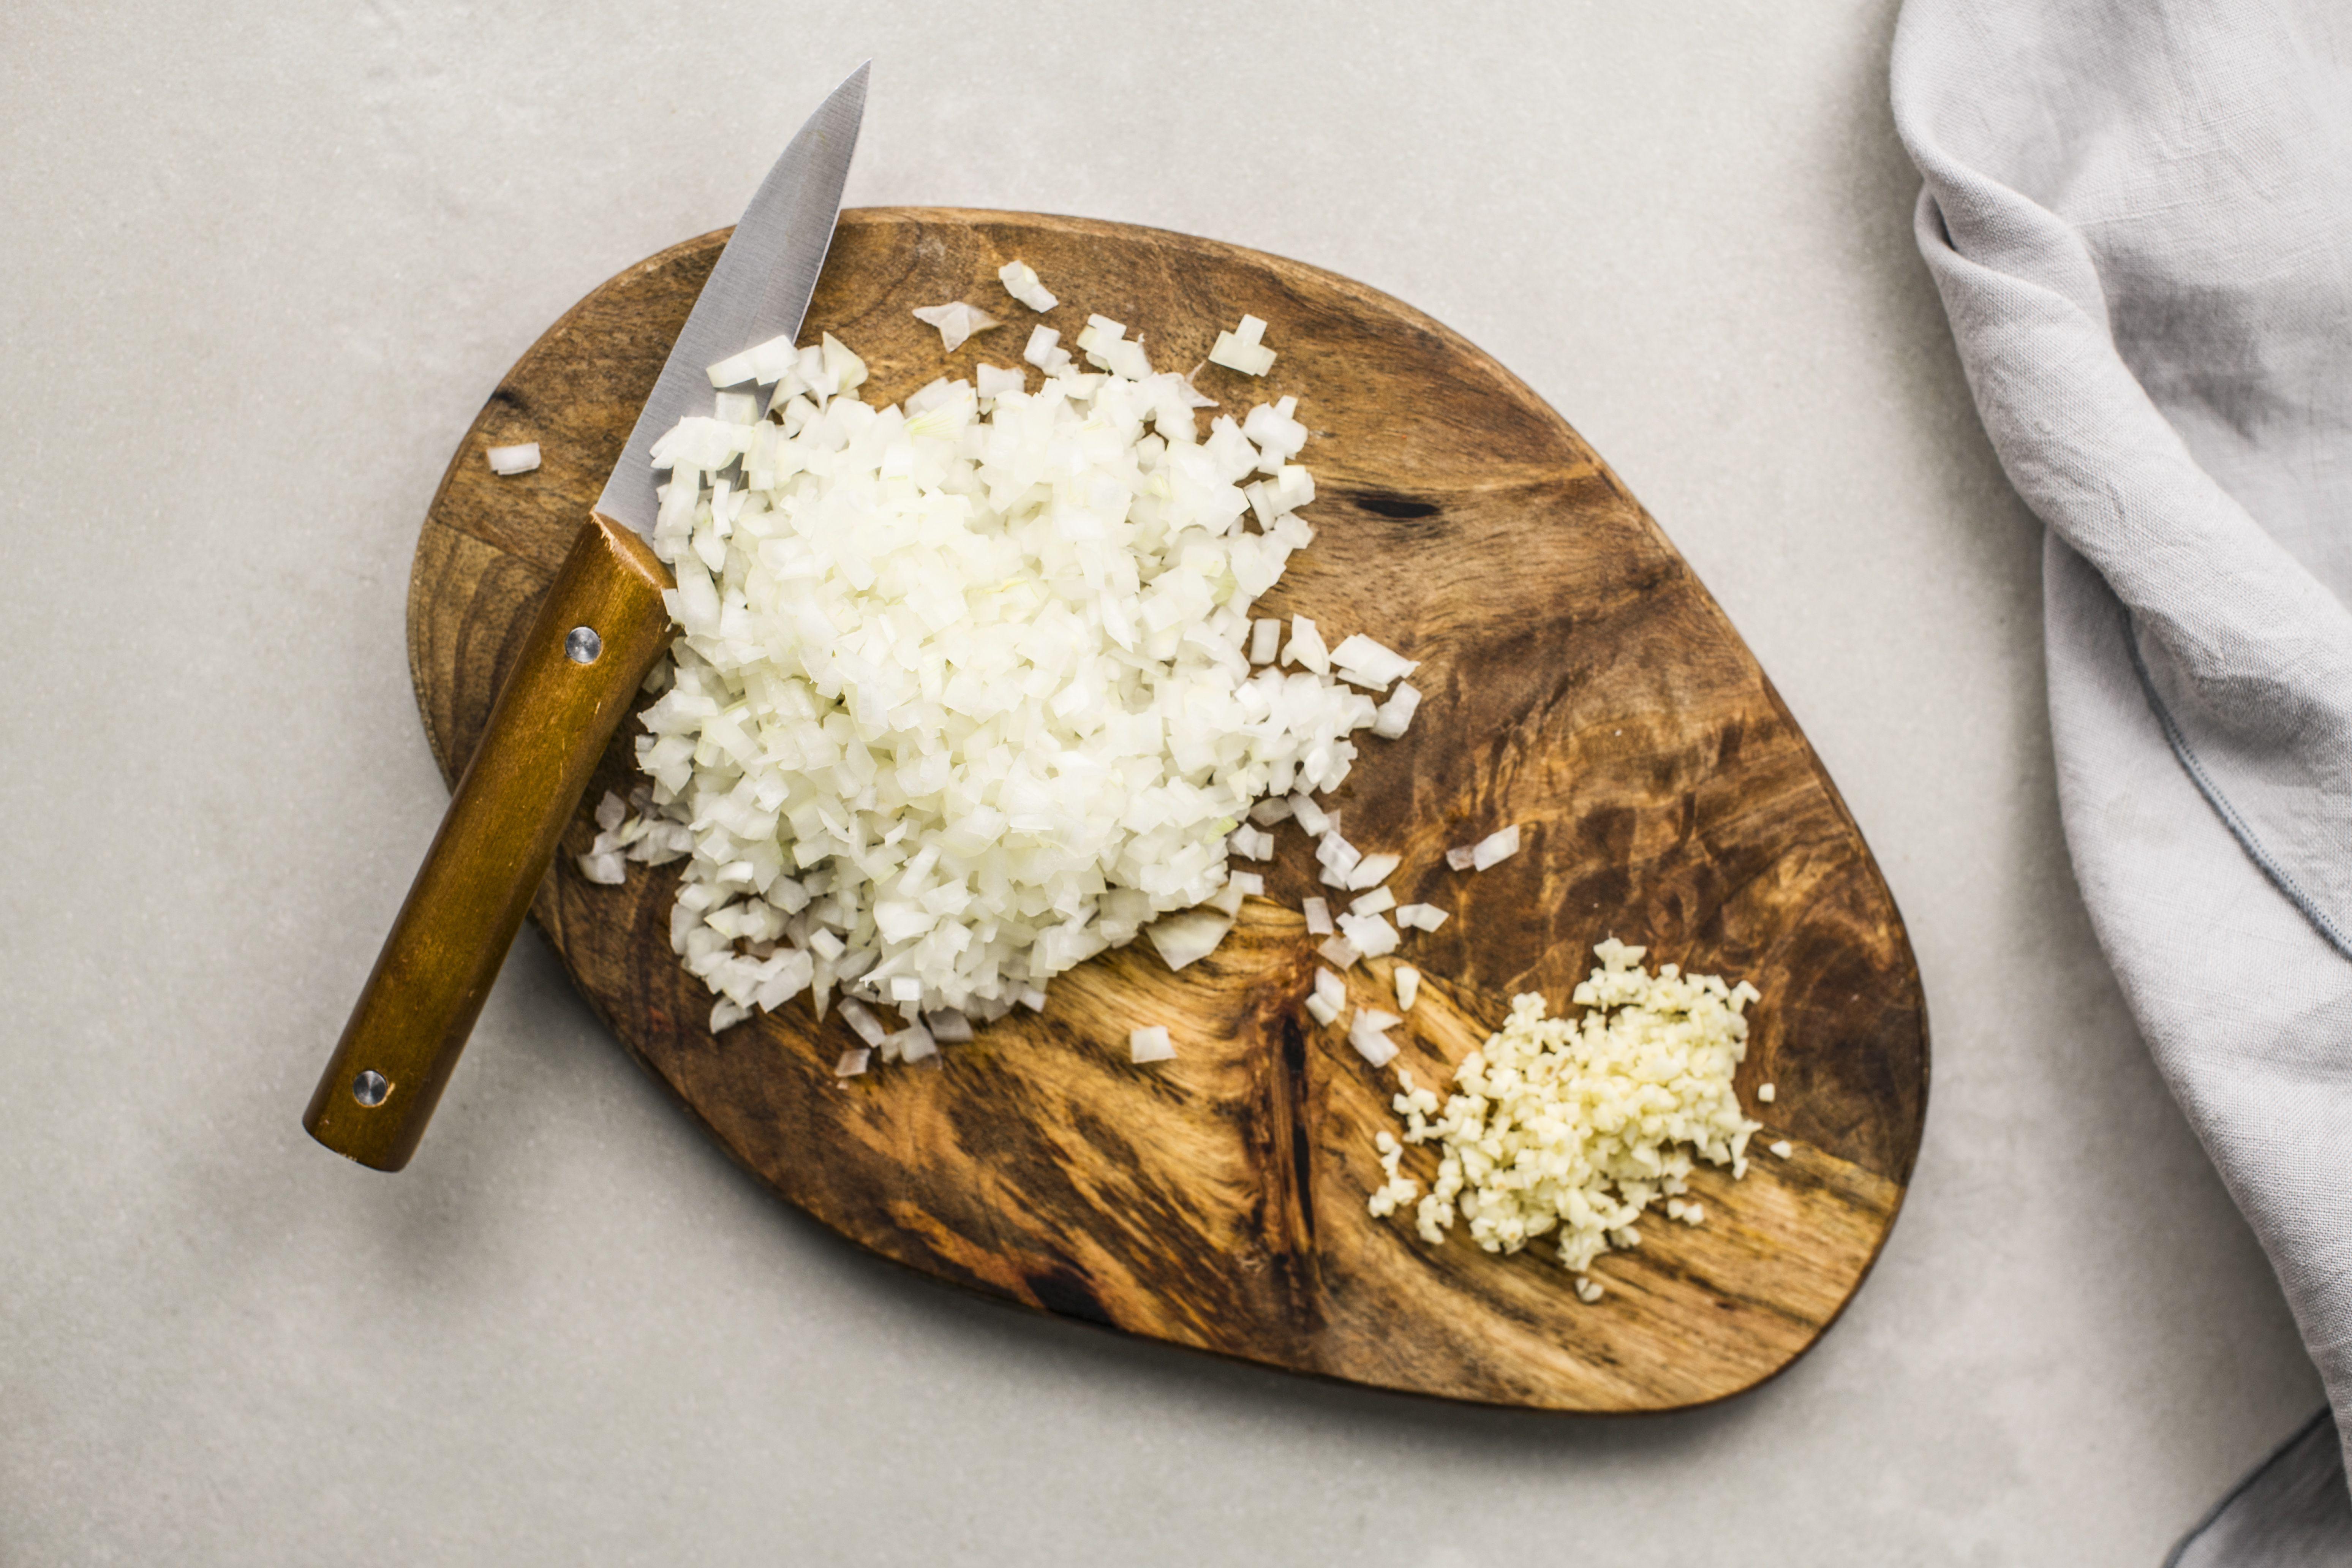 Chop garlic and onion